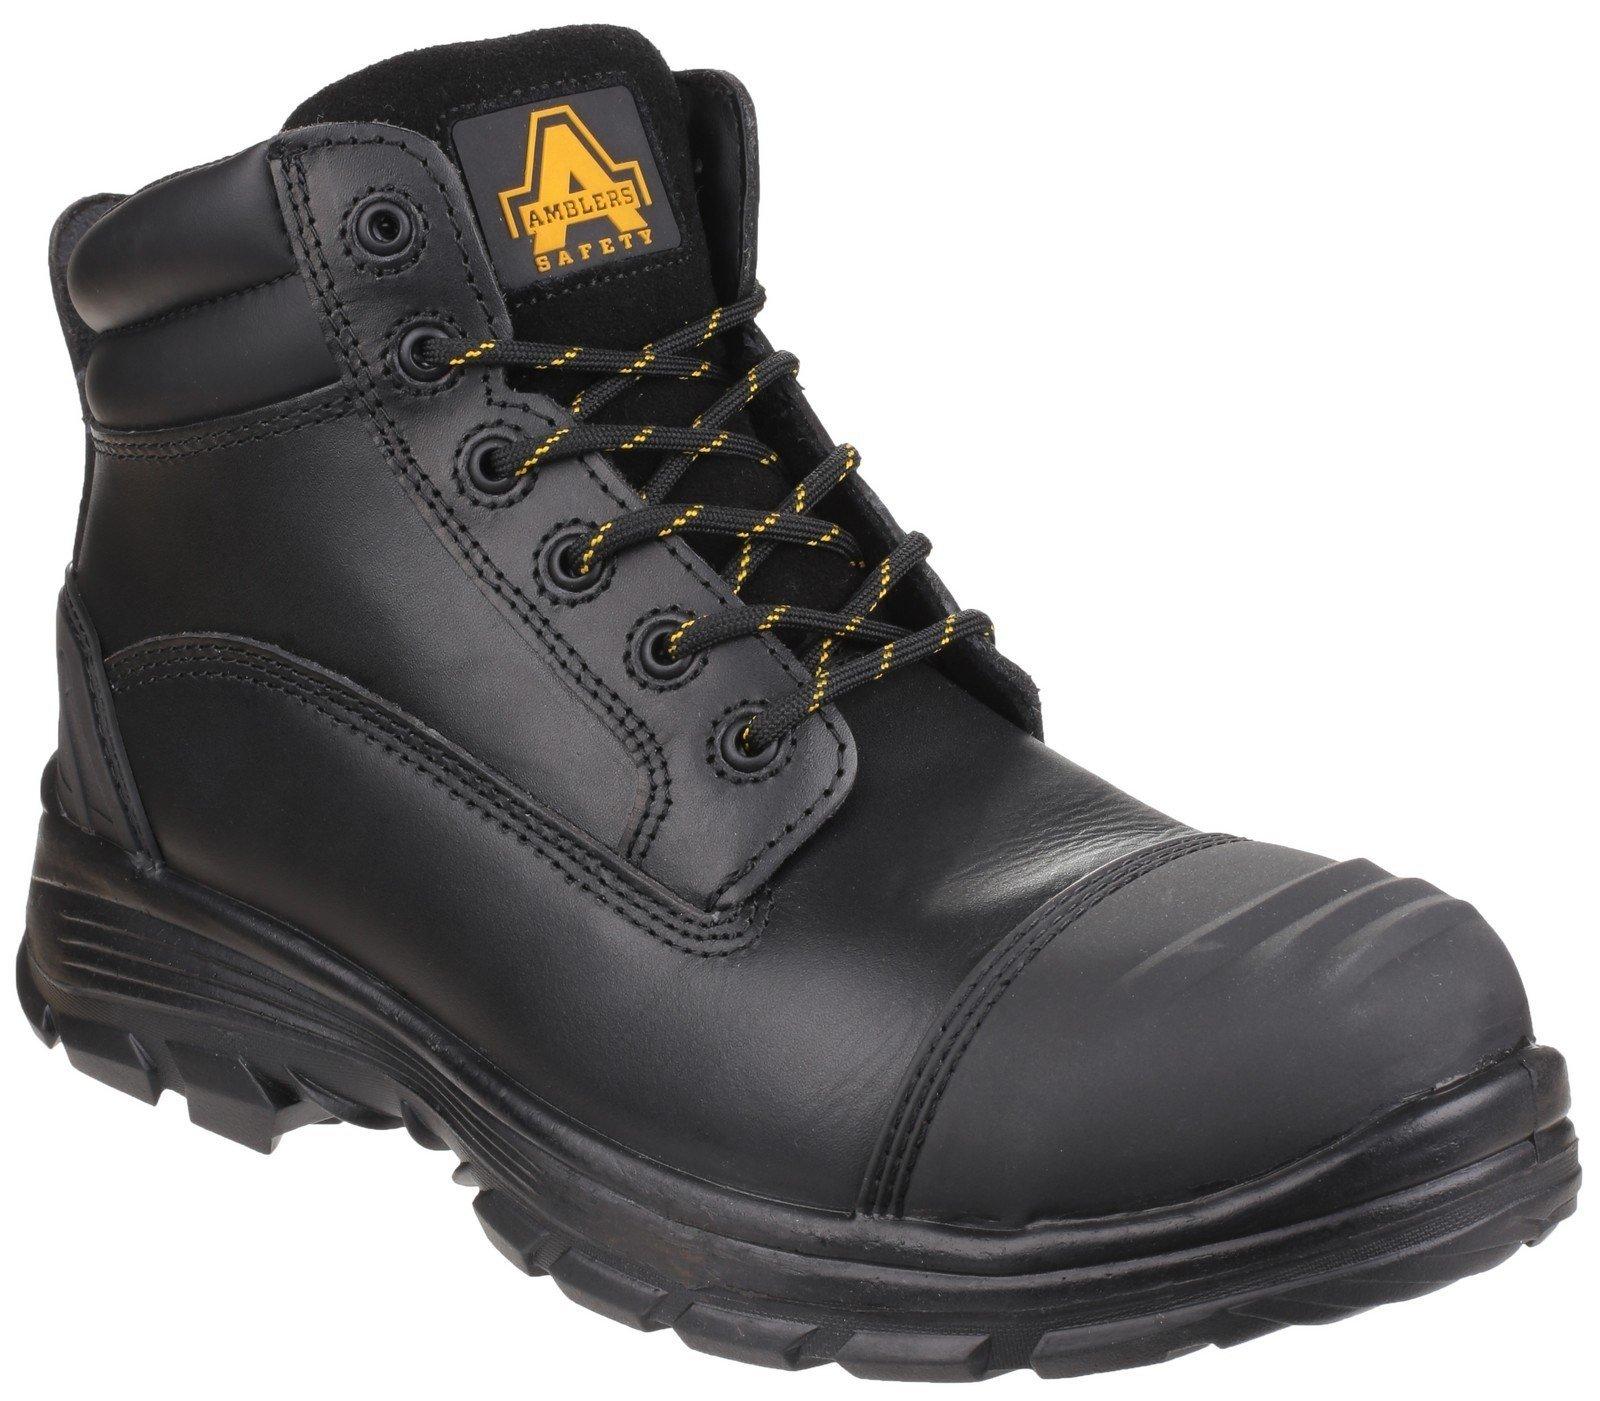 Amblers Unisex Safety QUANTOK S3 RUBBER Boot Black 24865 - Black 6